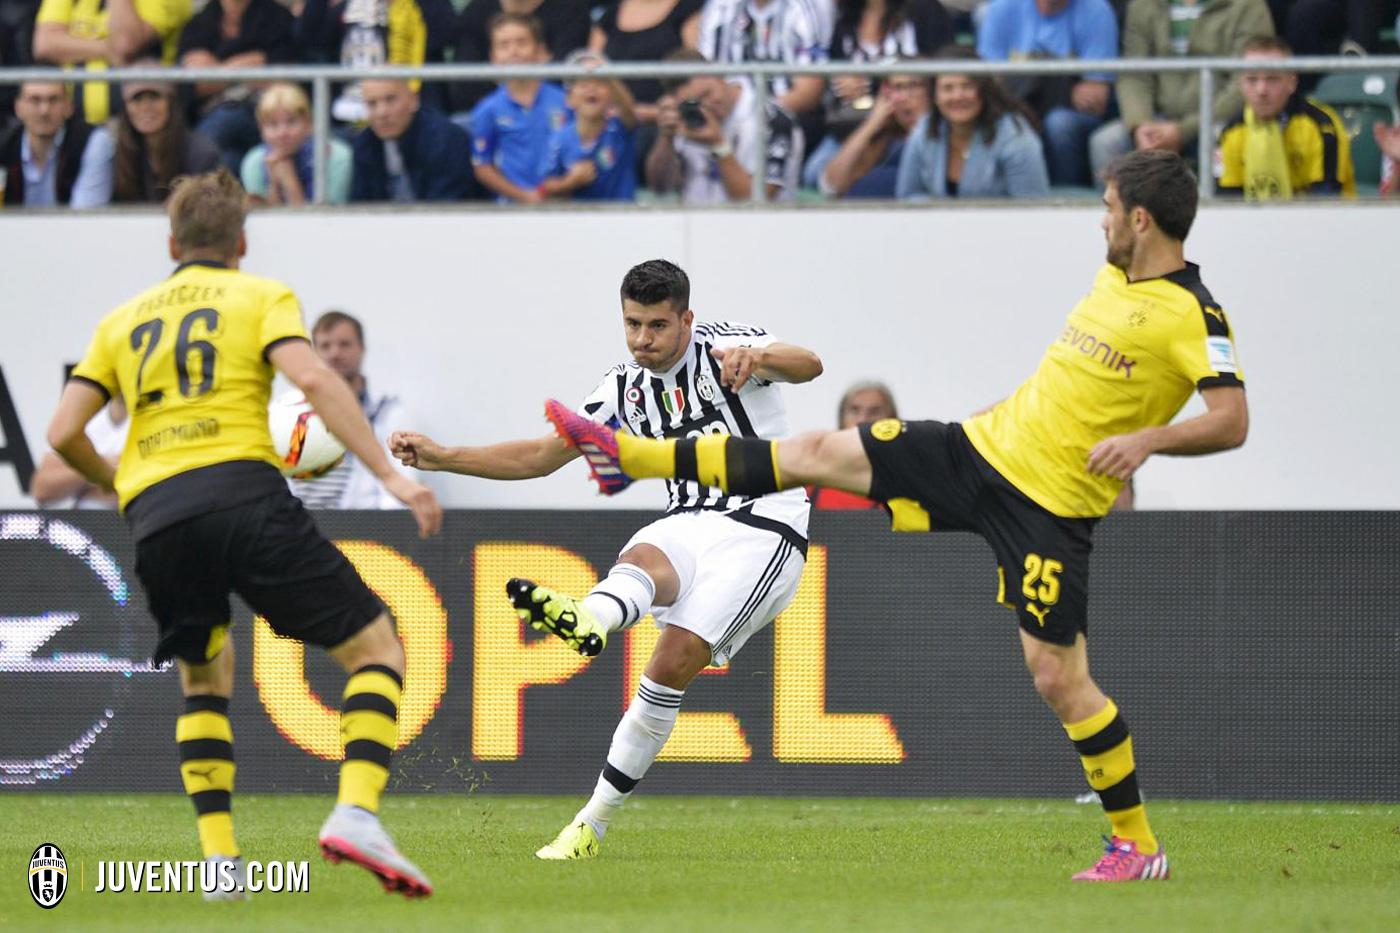 Image taken from Juventus.com